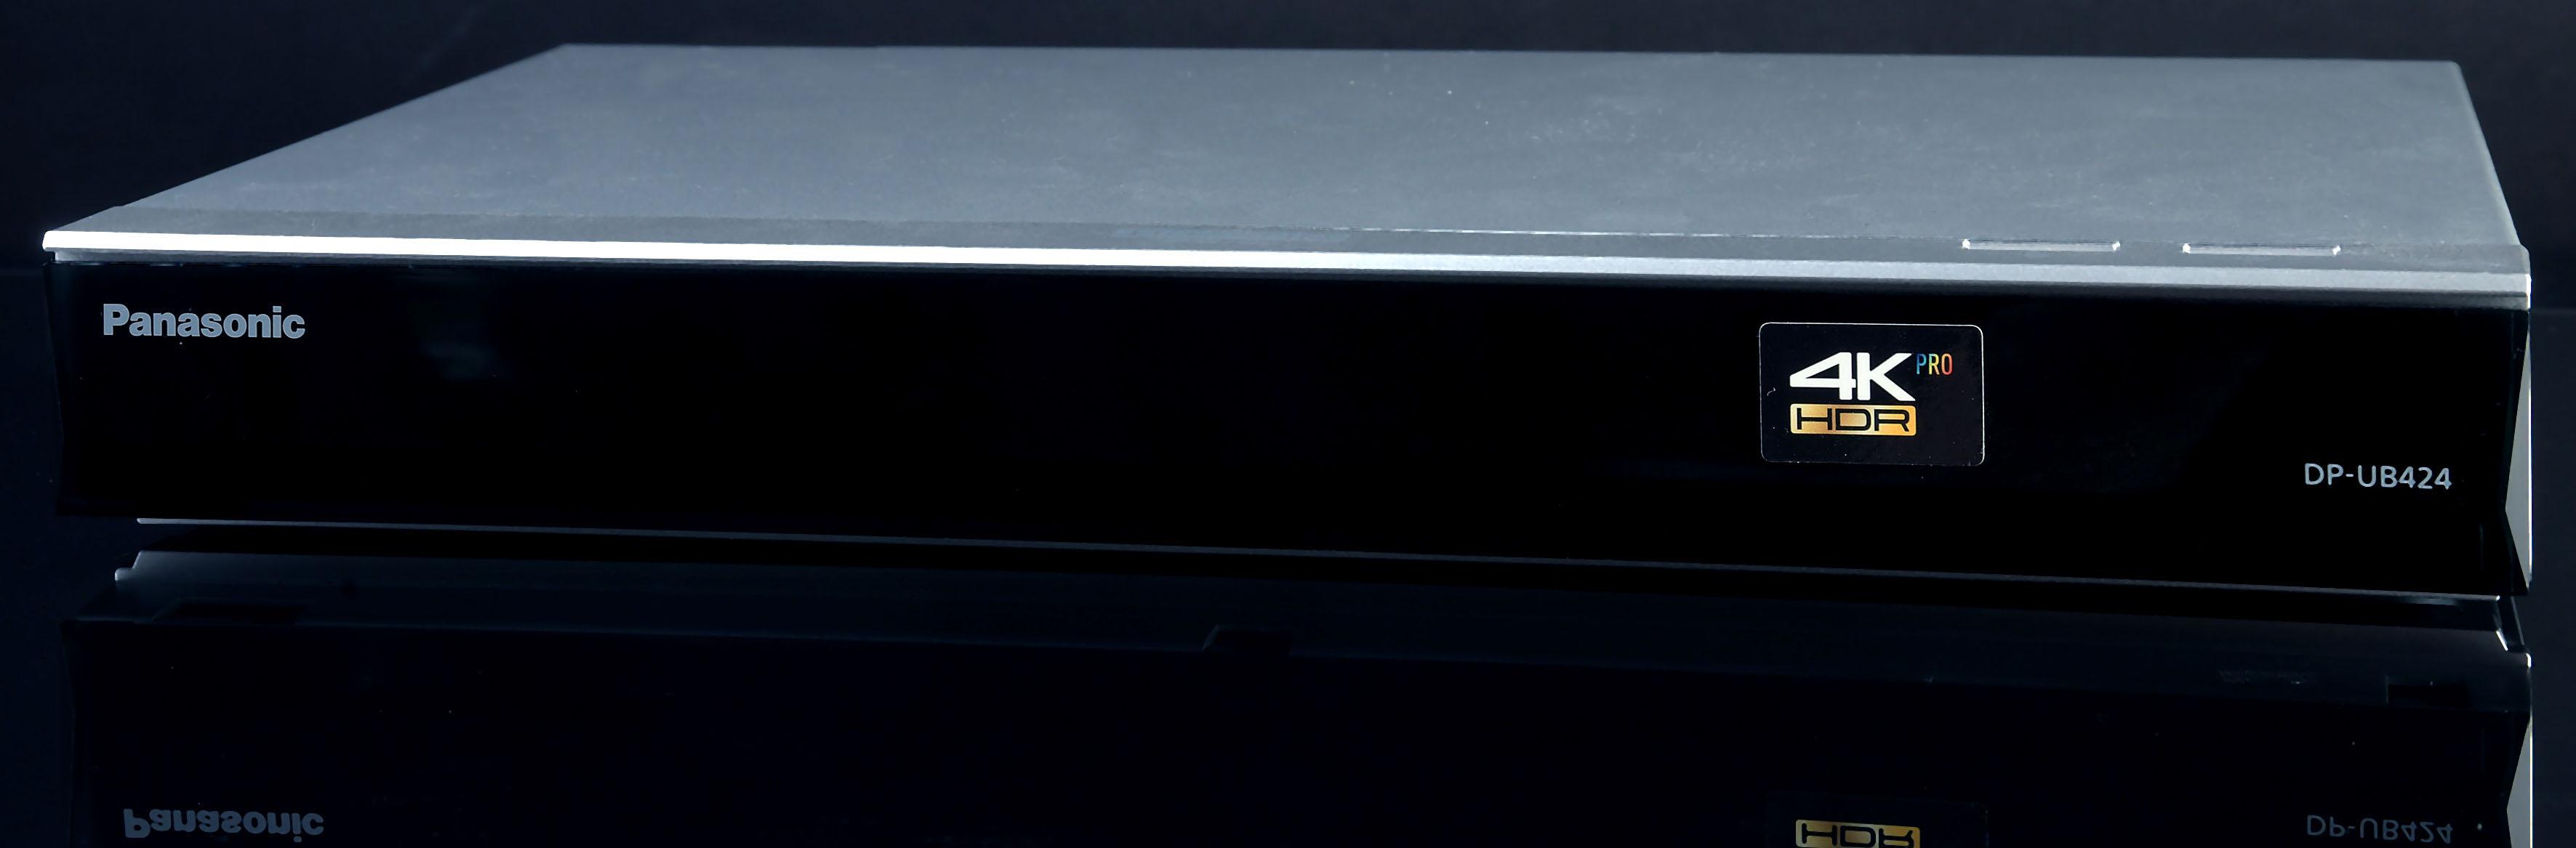 Foto: Michael B. Rehders Der Panasonic DP-UB424 sieht mit transparenter glänzender Frontklappe und dünnem silberfarbenem Blech schon schick aus.